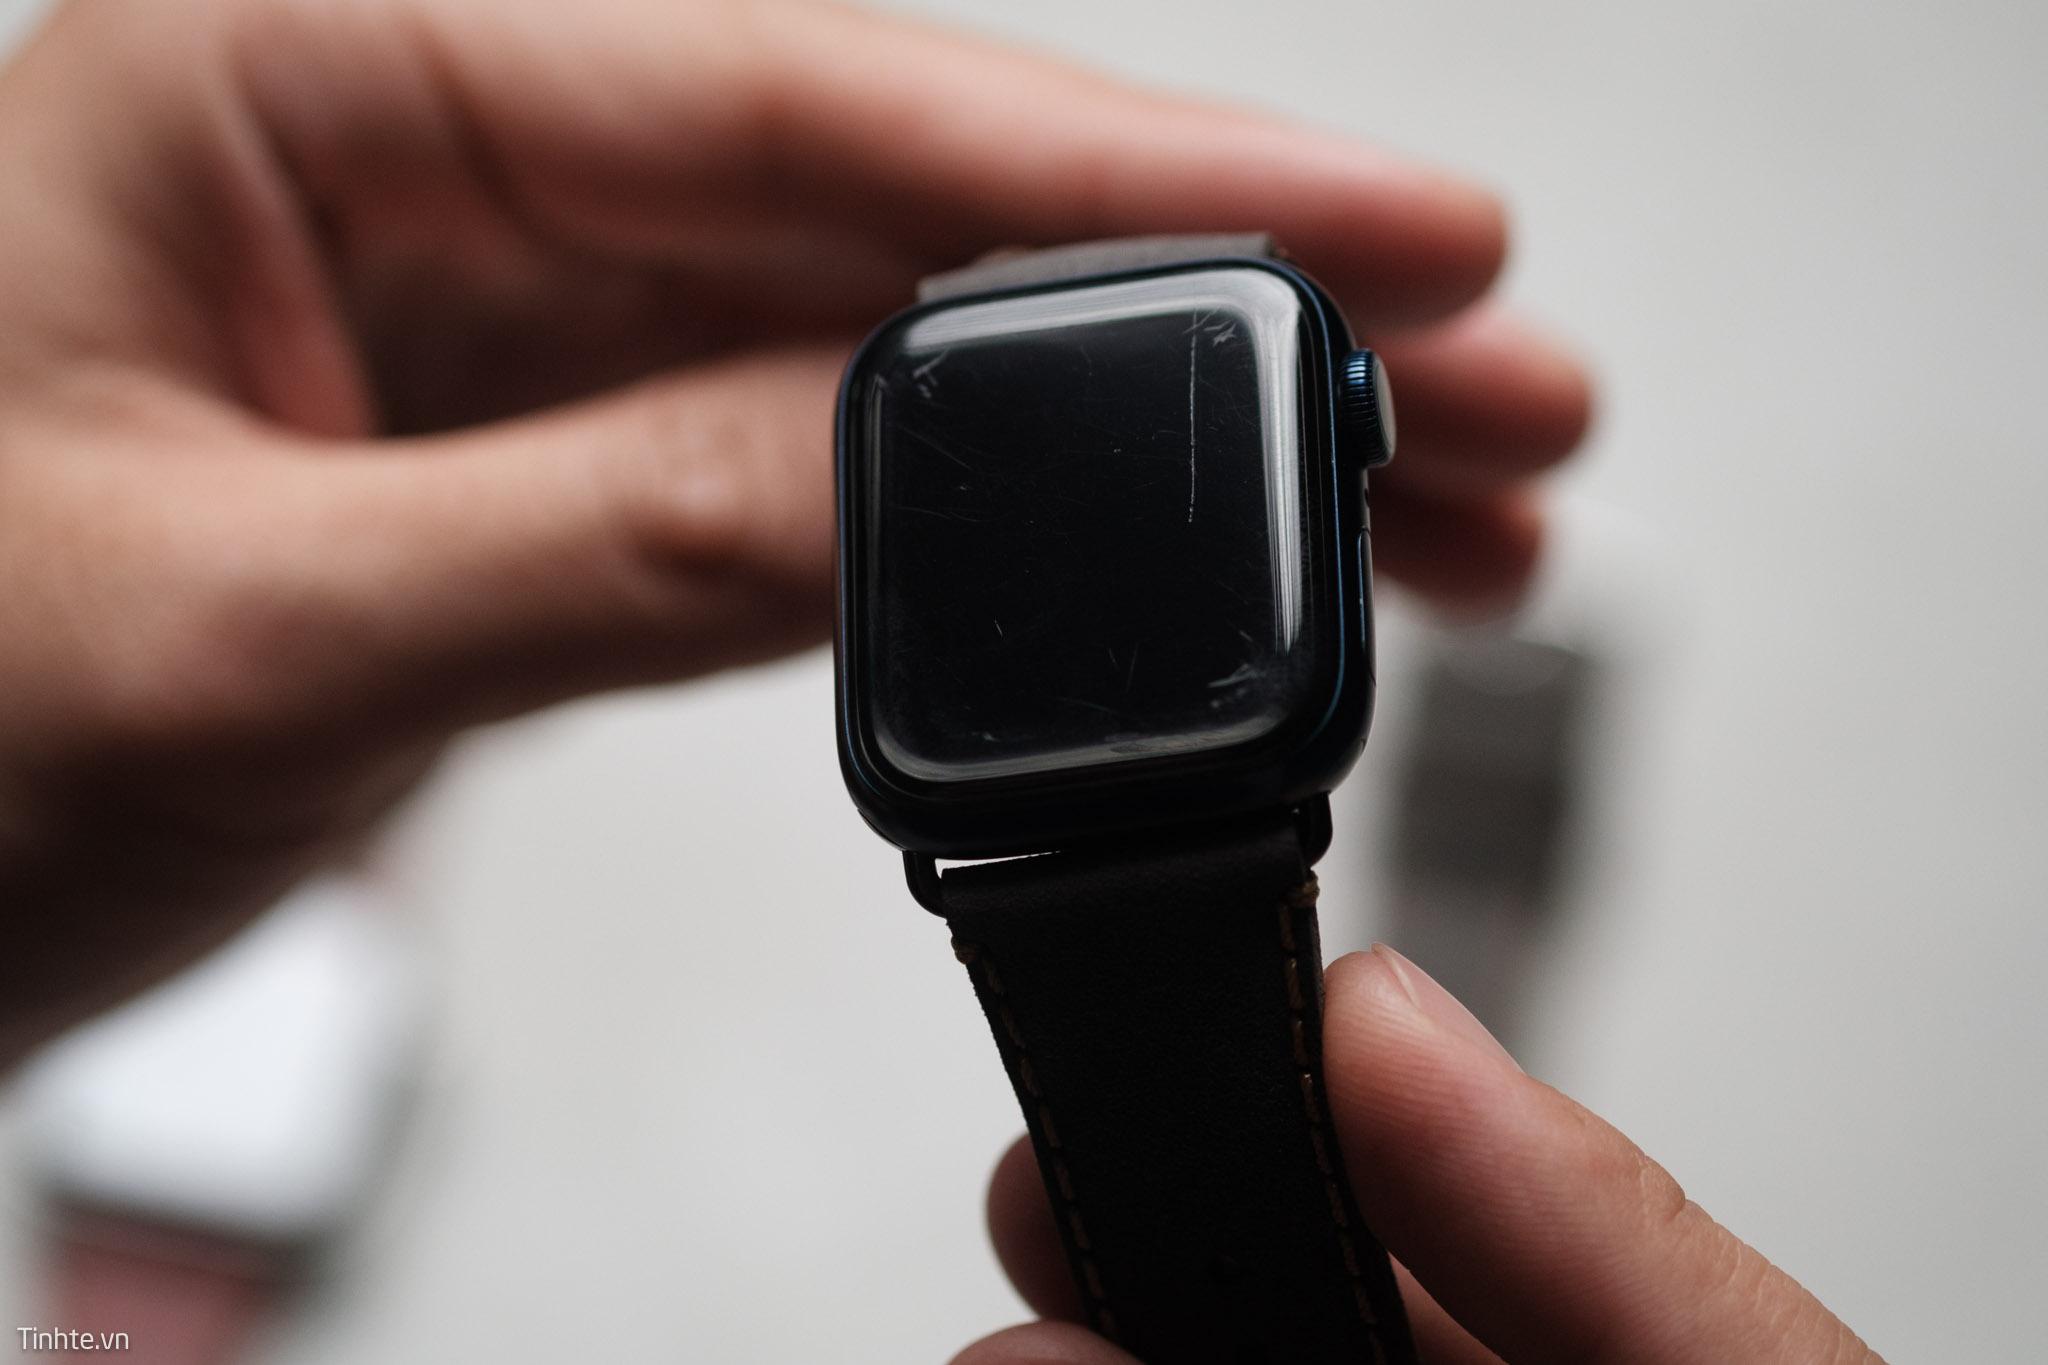 Trên tay Apple Watch tất cả các chất liệu qua thời gian: Gốm bền nhất, Thép xấu nhất